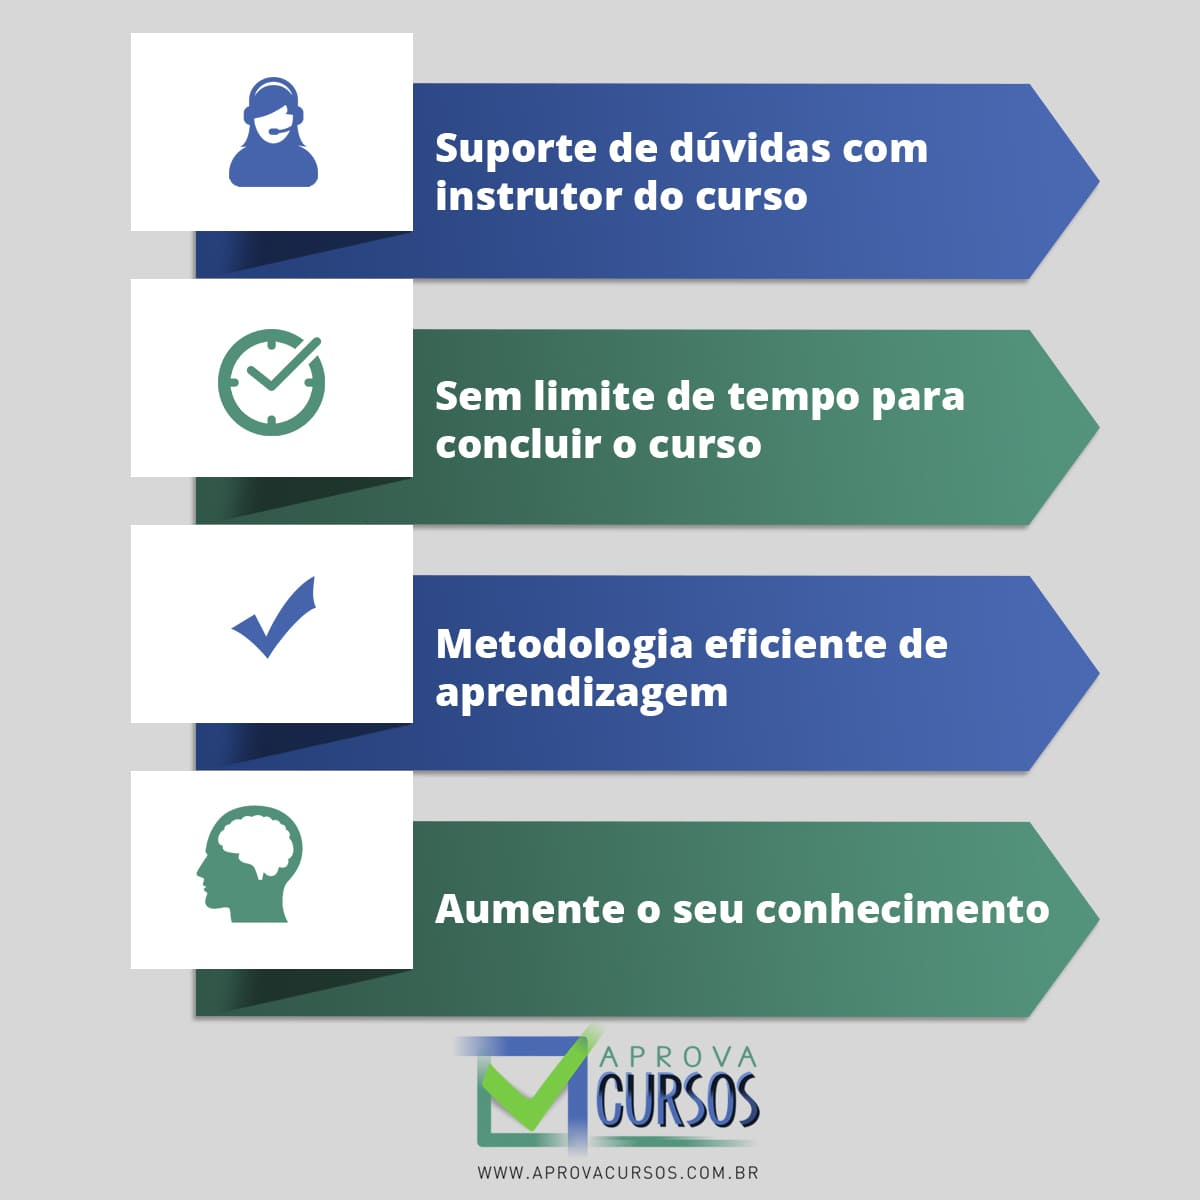 Curso Online de Aromaterapia com Certificado  - Aprova Cursos